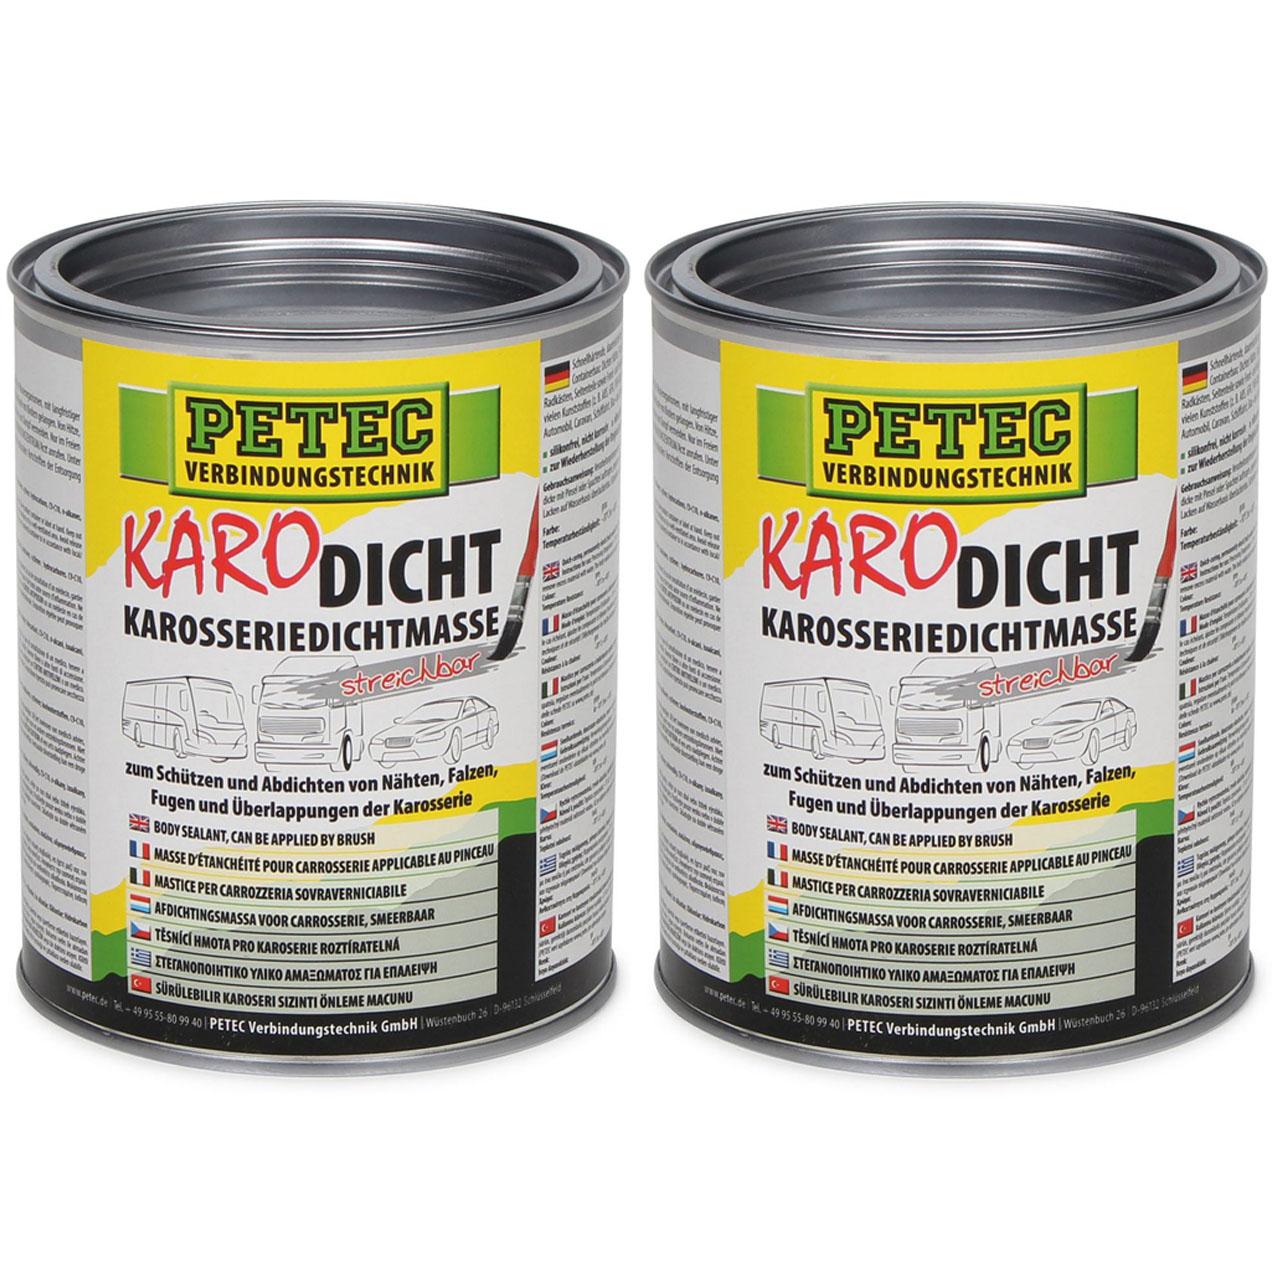 PETEC 94130 Karodicht Karosseriedichtmasse Dichtmasse streichbar 2000ml 2 L GRAU